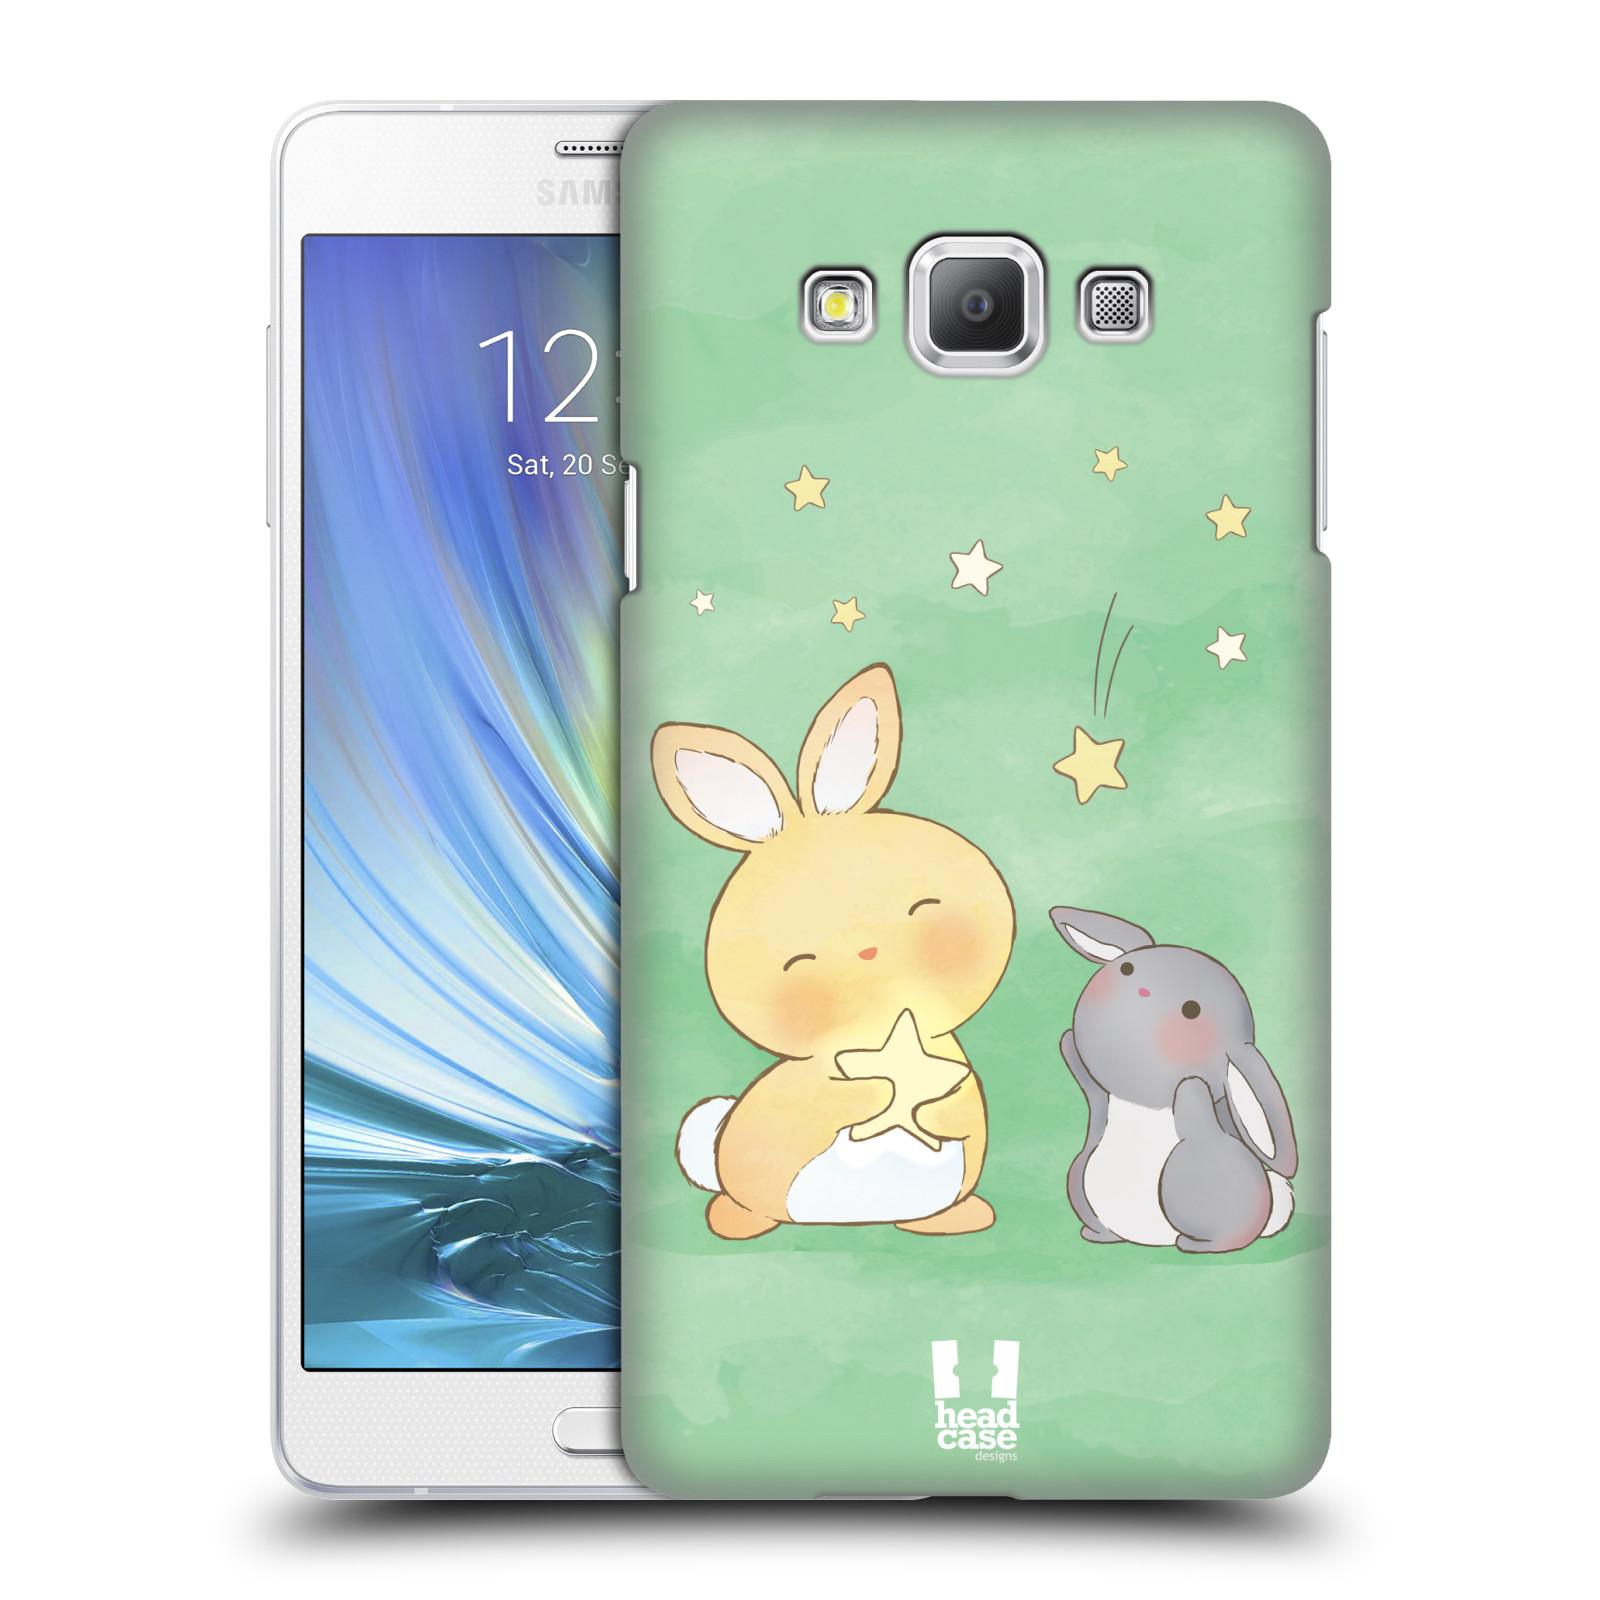 HEAD CASE plastový obal na mobil SAMSUNG GALAXY A7 vzor králíček a hvězdy zelená